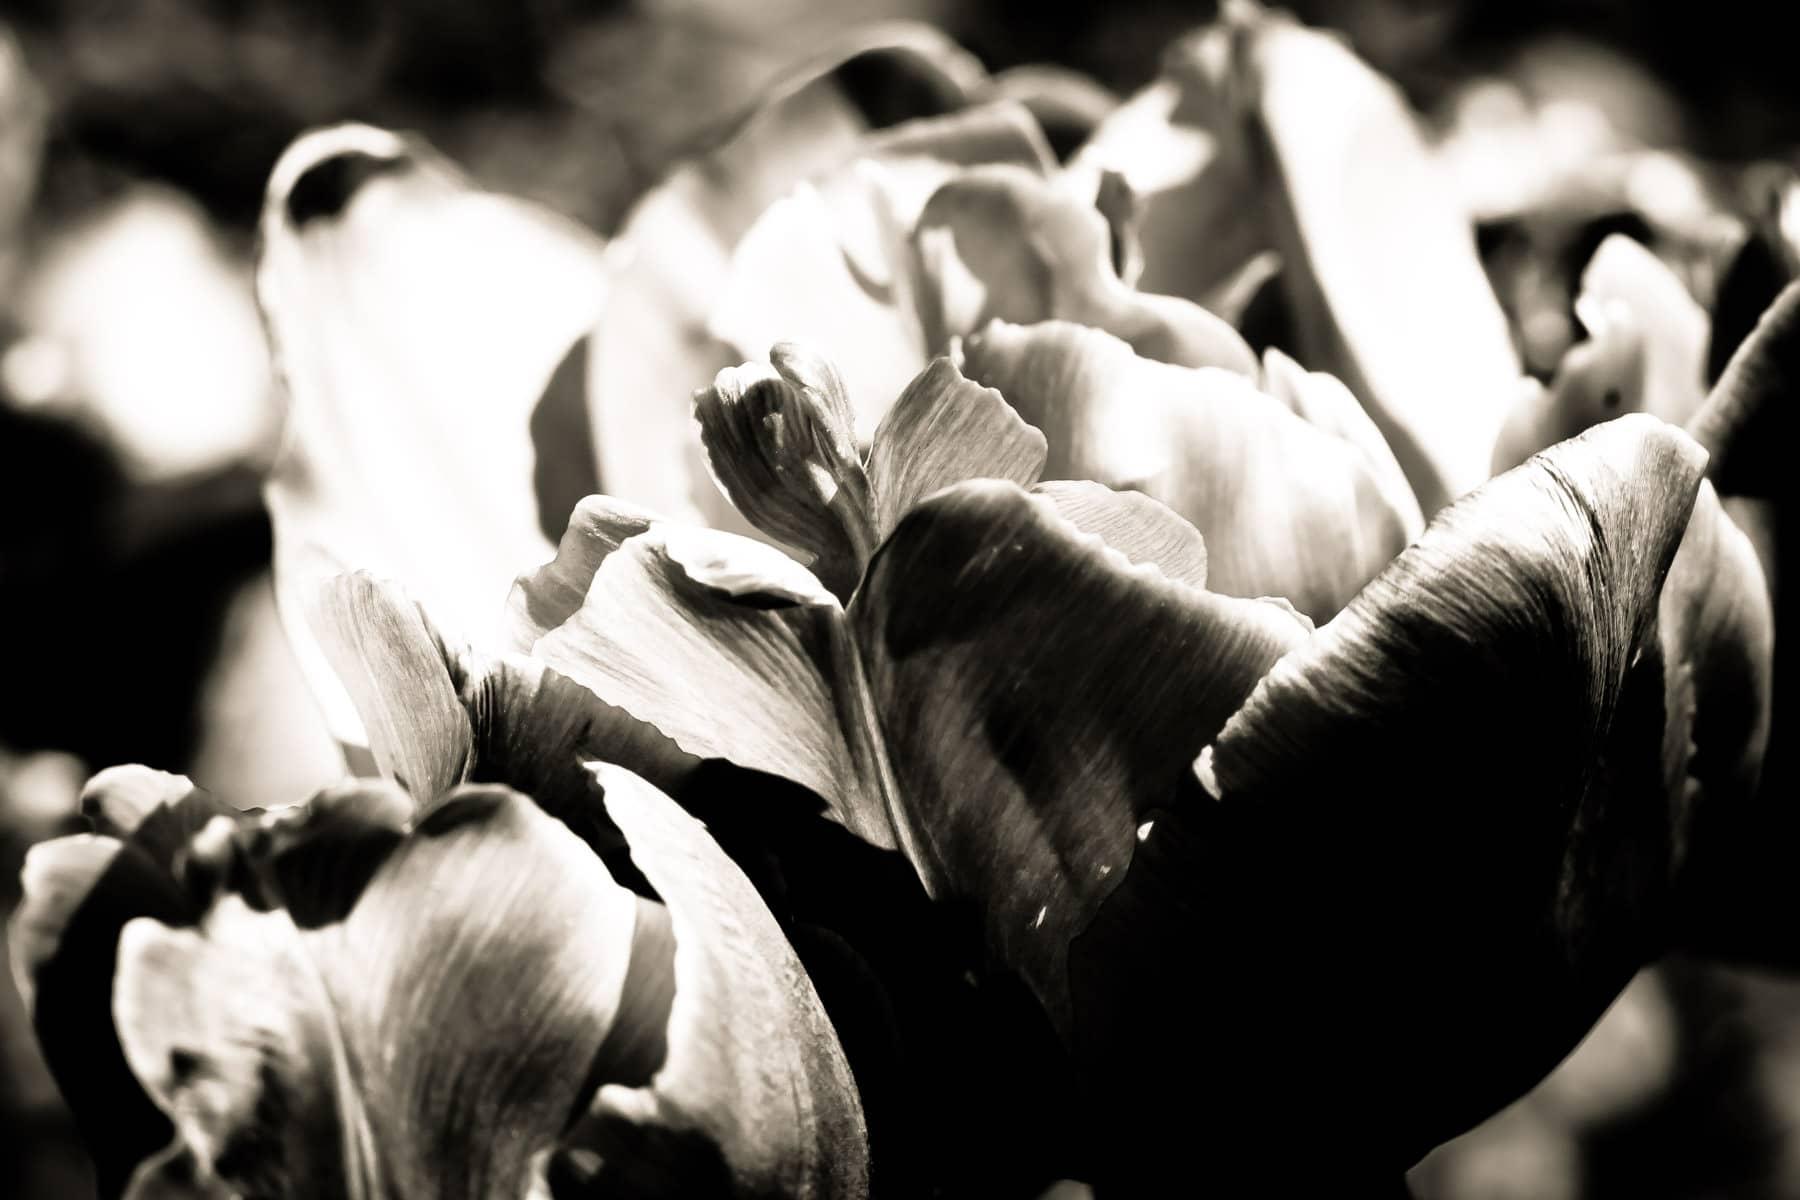 Delicate flower petals at the Dallas Arboretum.